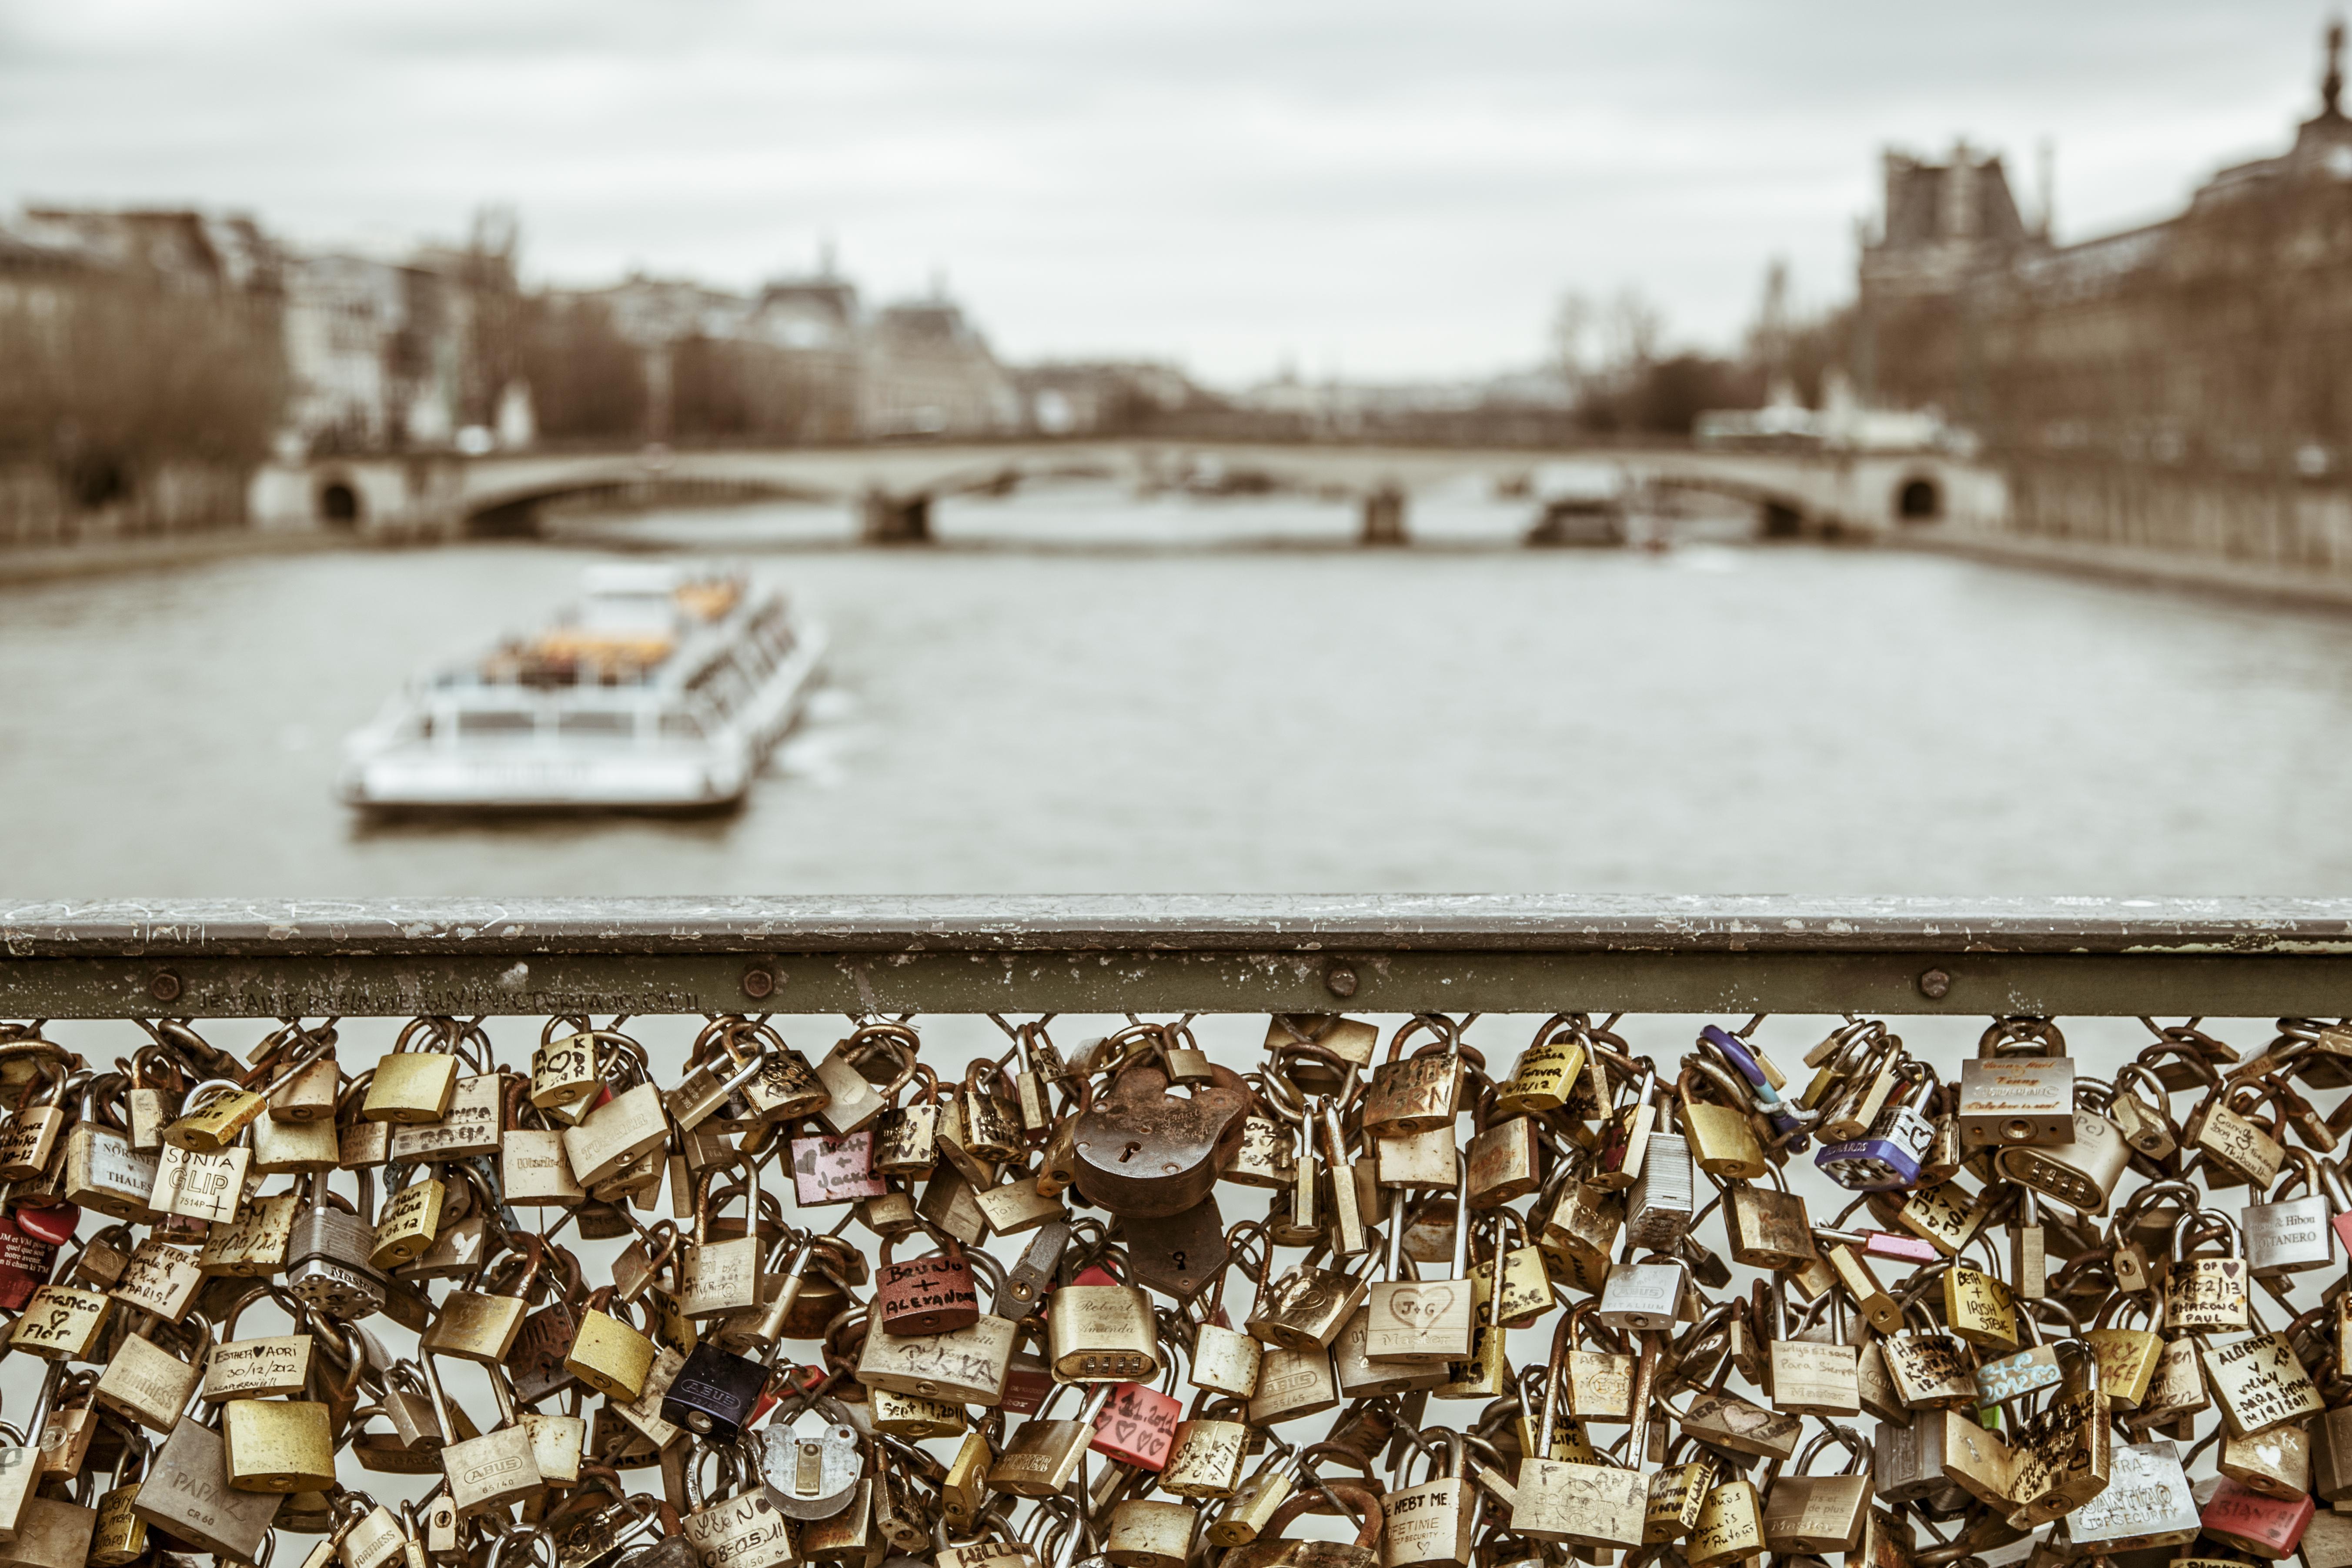 """El puente """"cerradura de amor"""", conocido como el Pont des Arts, solía ser el sitio de una tradición turística donde los visitantes colocaban una cerradura al puente y luego tiraban la llave al río Sena. En 2015, los funcionarios retiraron casi un millón de cerraduras del puente de París después de que parte de aquel se derrumbó en 2014"""